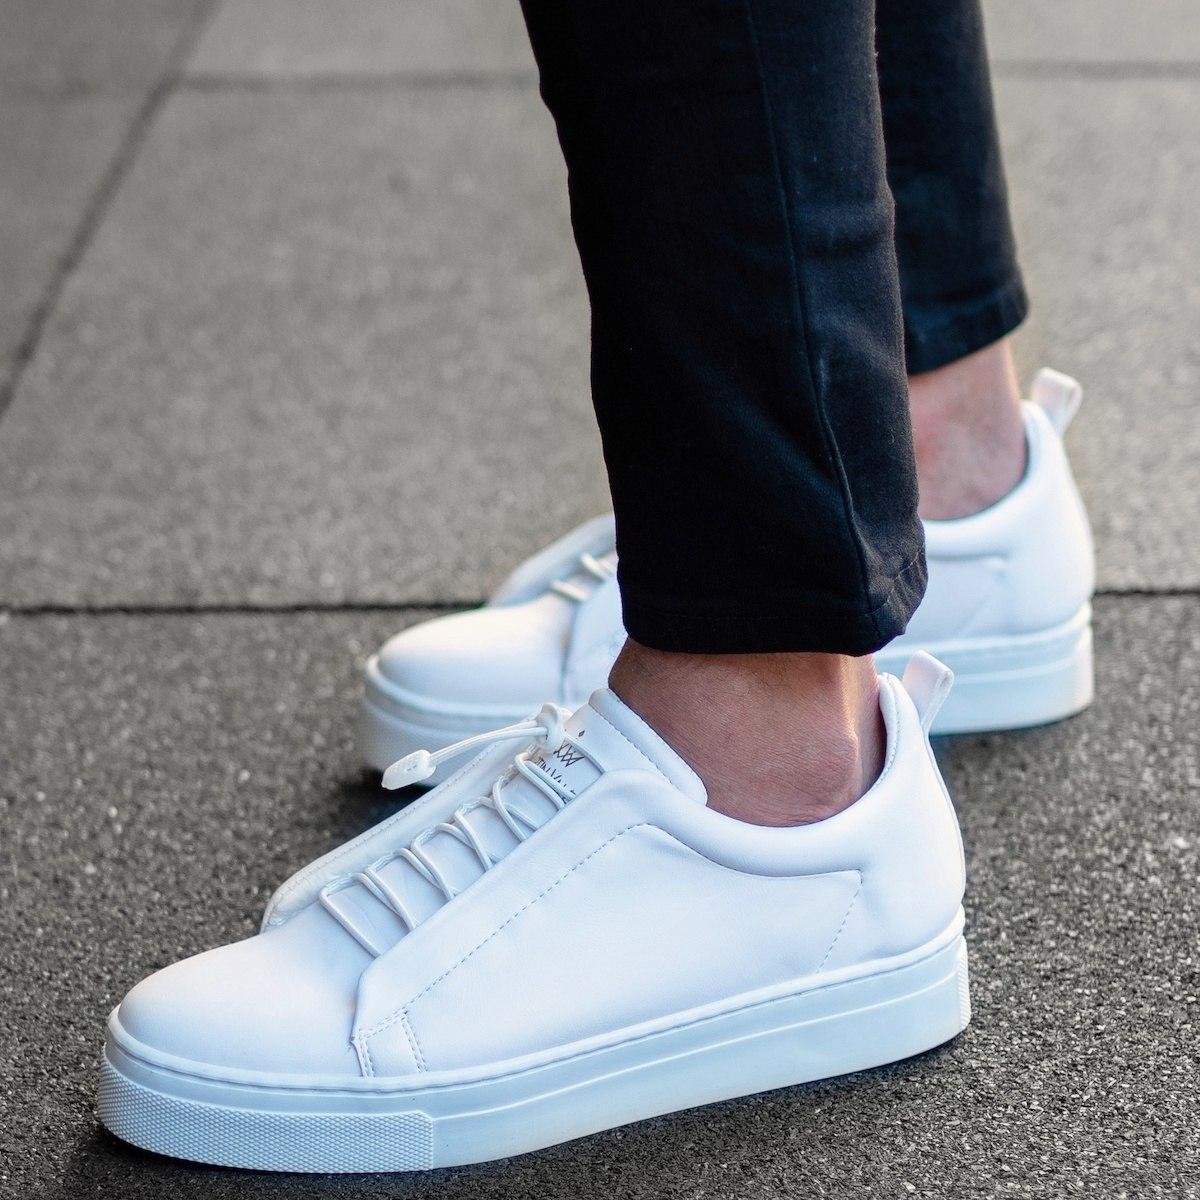 MV Dominant Sneakers em Branco